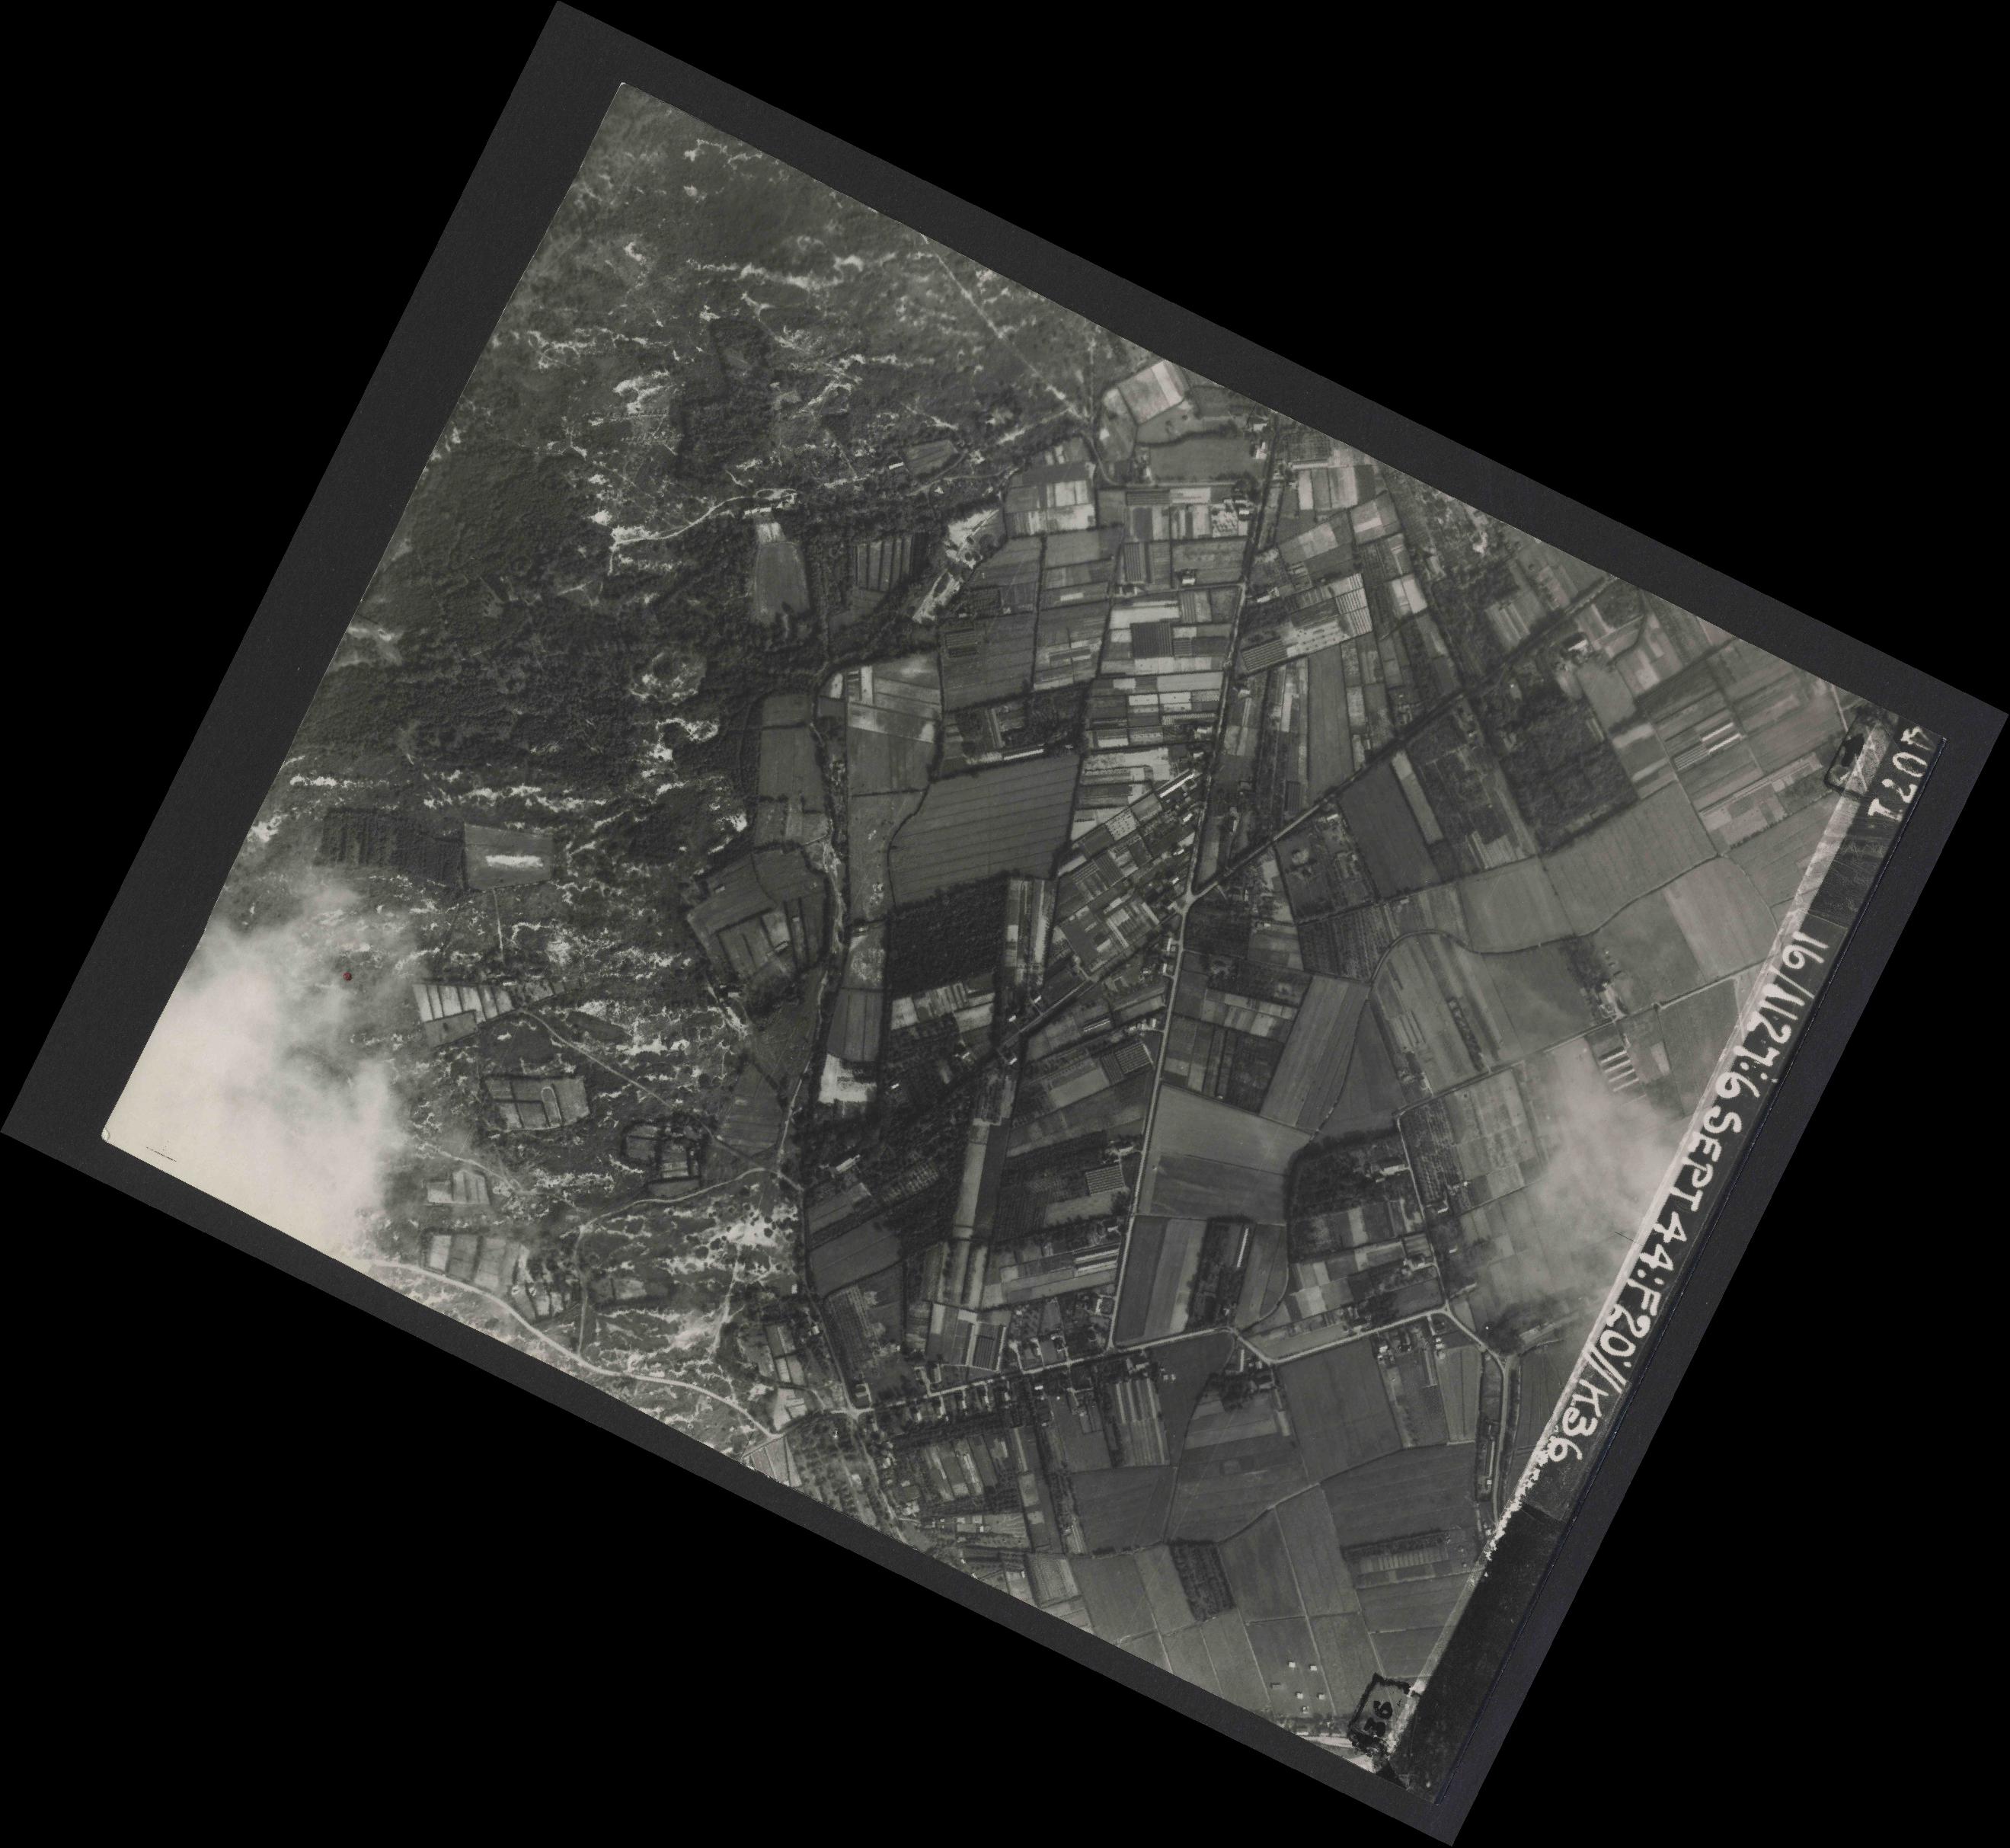 Collection RAF aerial photos 1940-1945 - flight 189, run 06, photo 4071